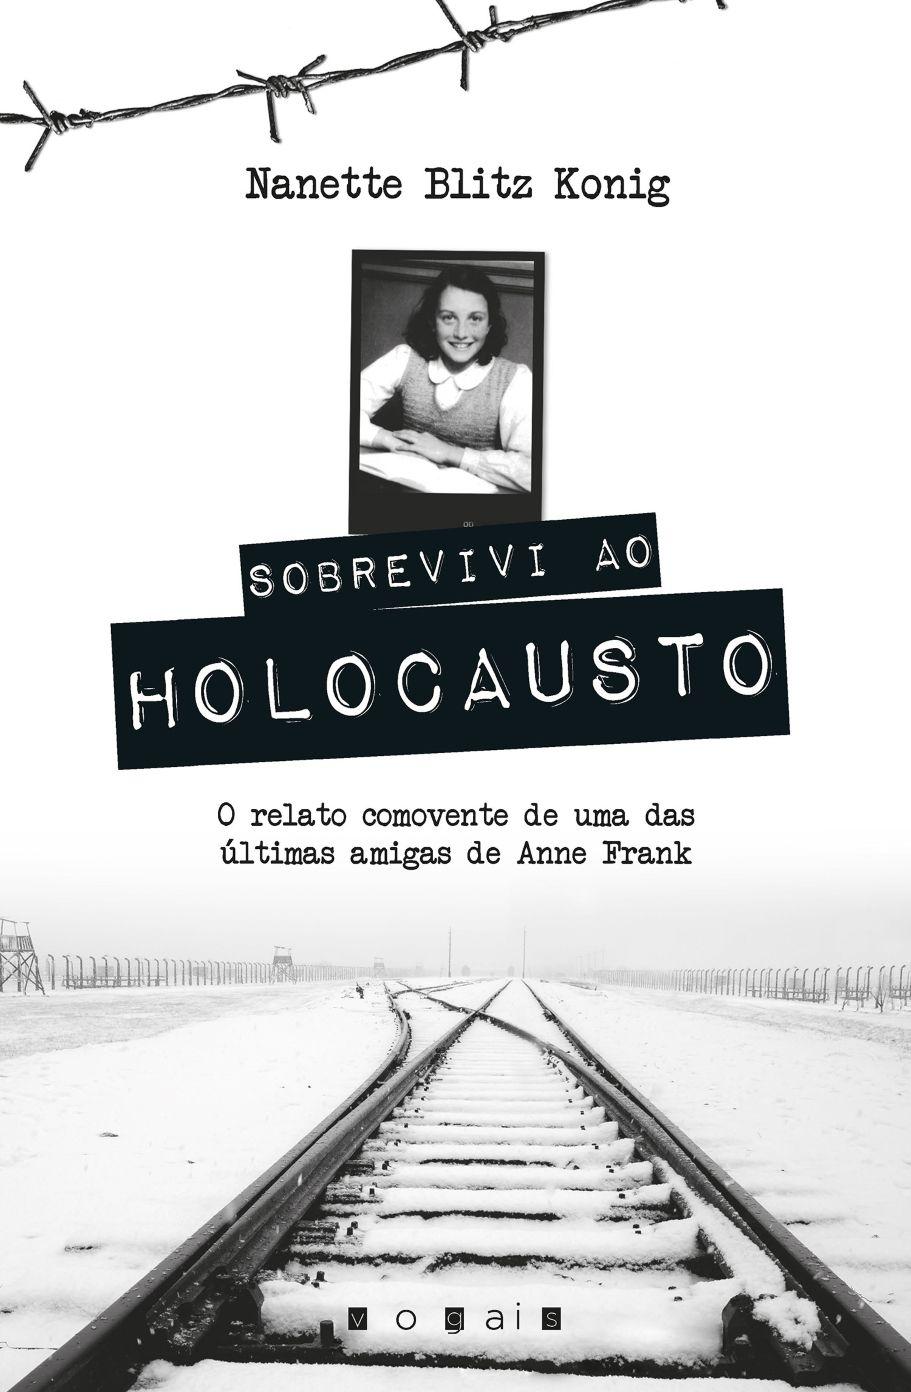 Morrighan: [DESTAQUE] Em Novembro, pela Vogais: Sobrevivi ao Holocausto, de Nanette Blitz Konig - O relato comovente de uma das últimas amigas de Anne Frank